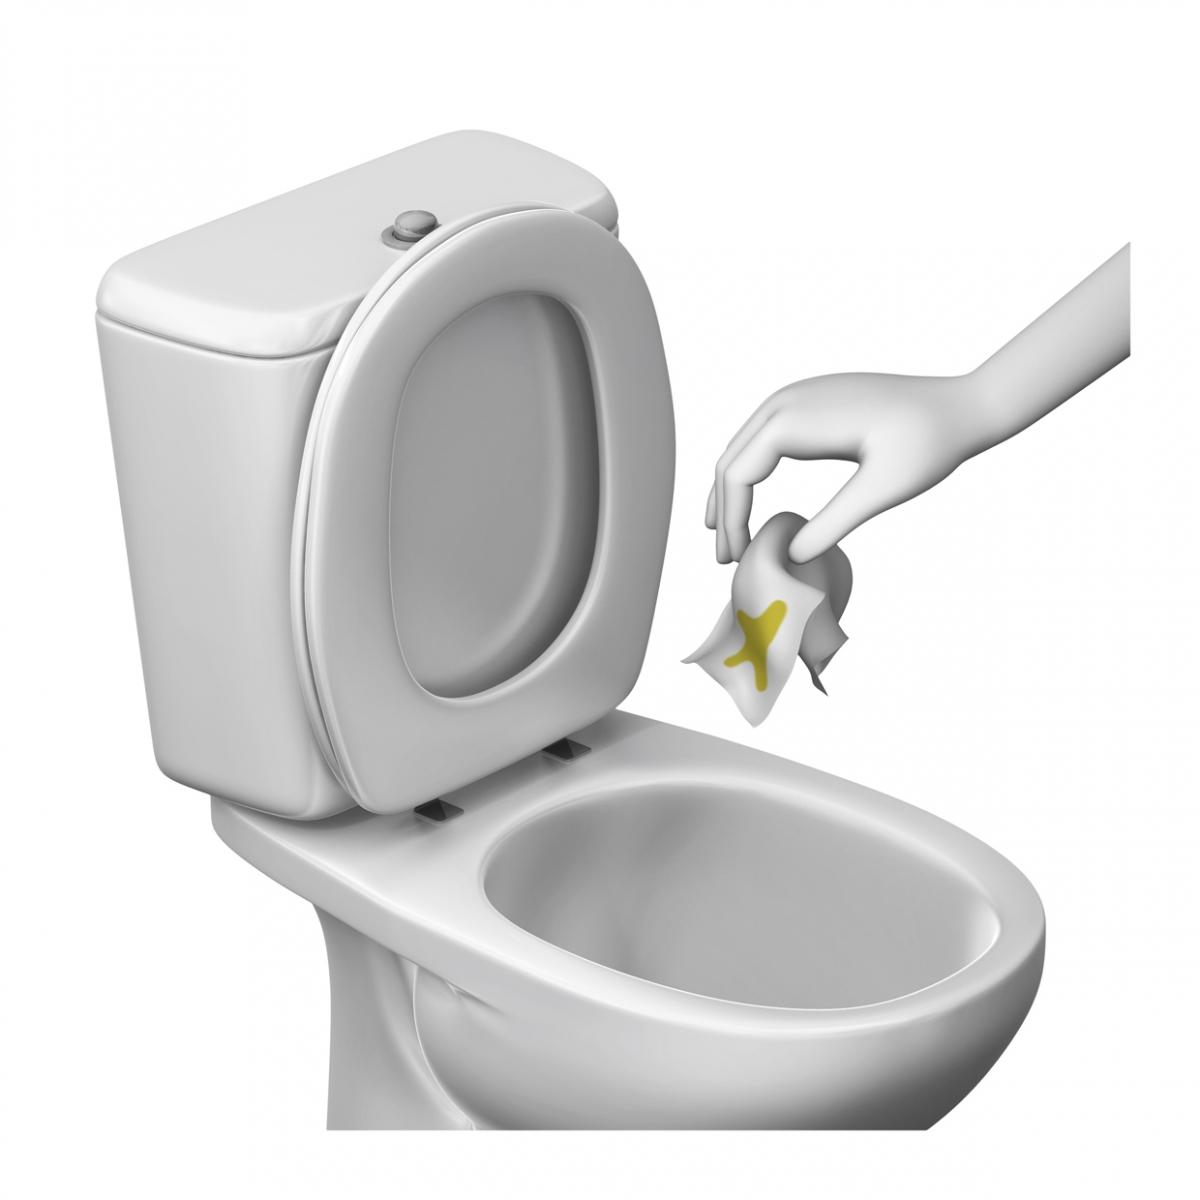 Imagen de la acción tirar el papel higiénico al váter